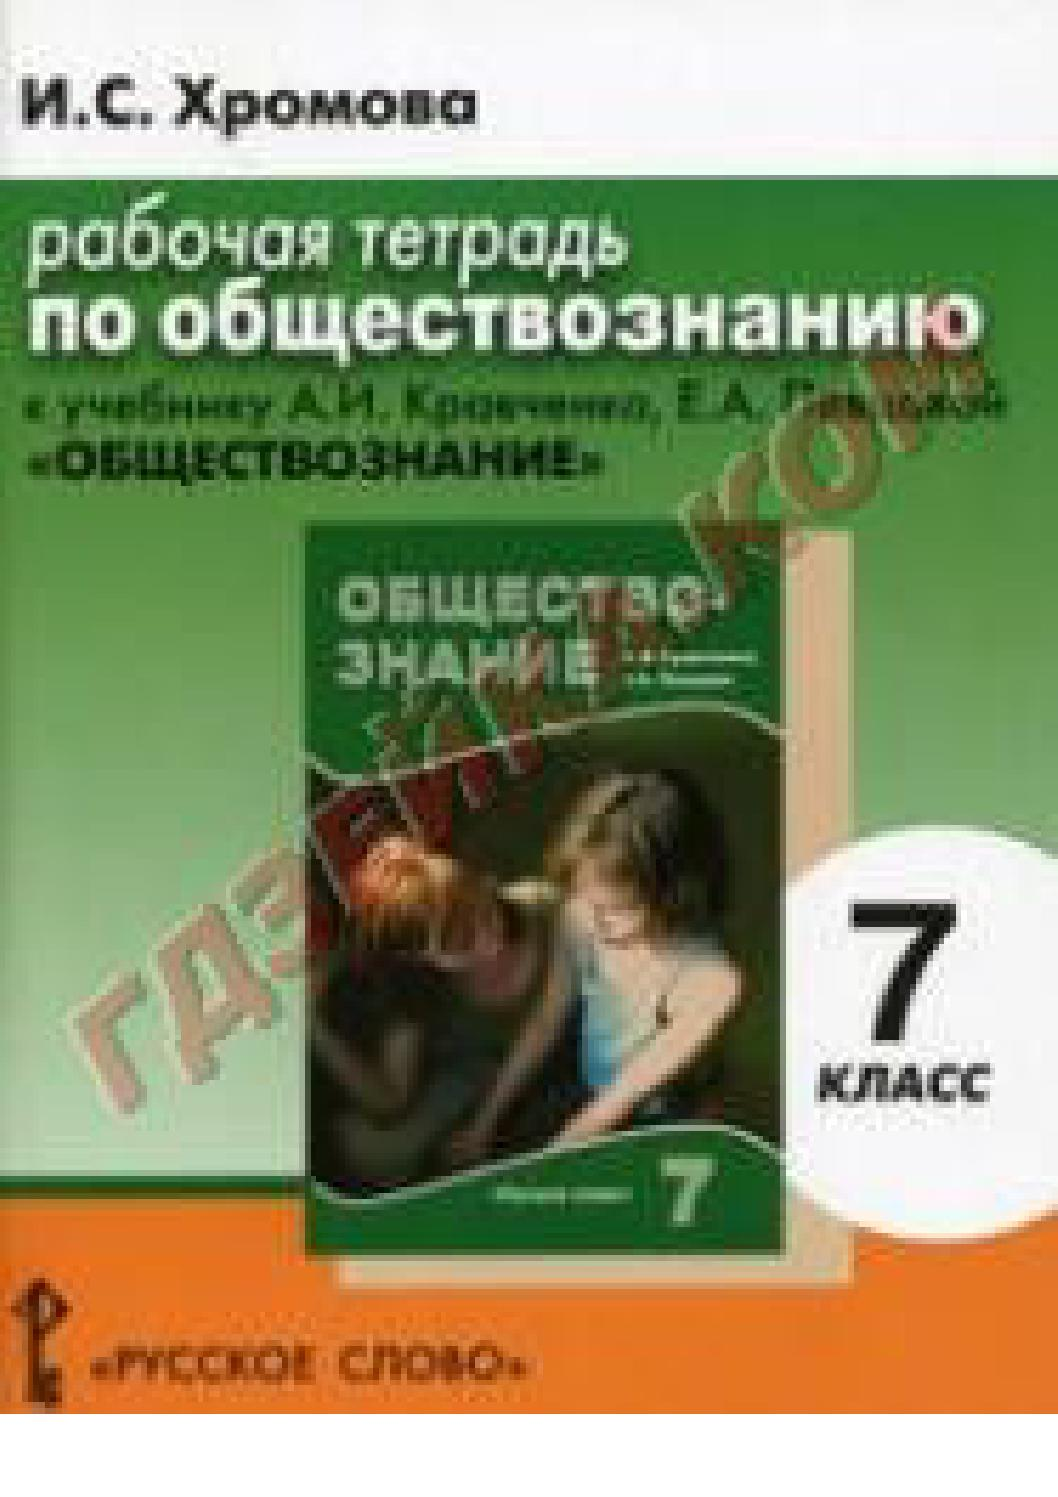 слово 6 русское издательство gdz-online.org класс обществознание кравченко